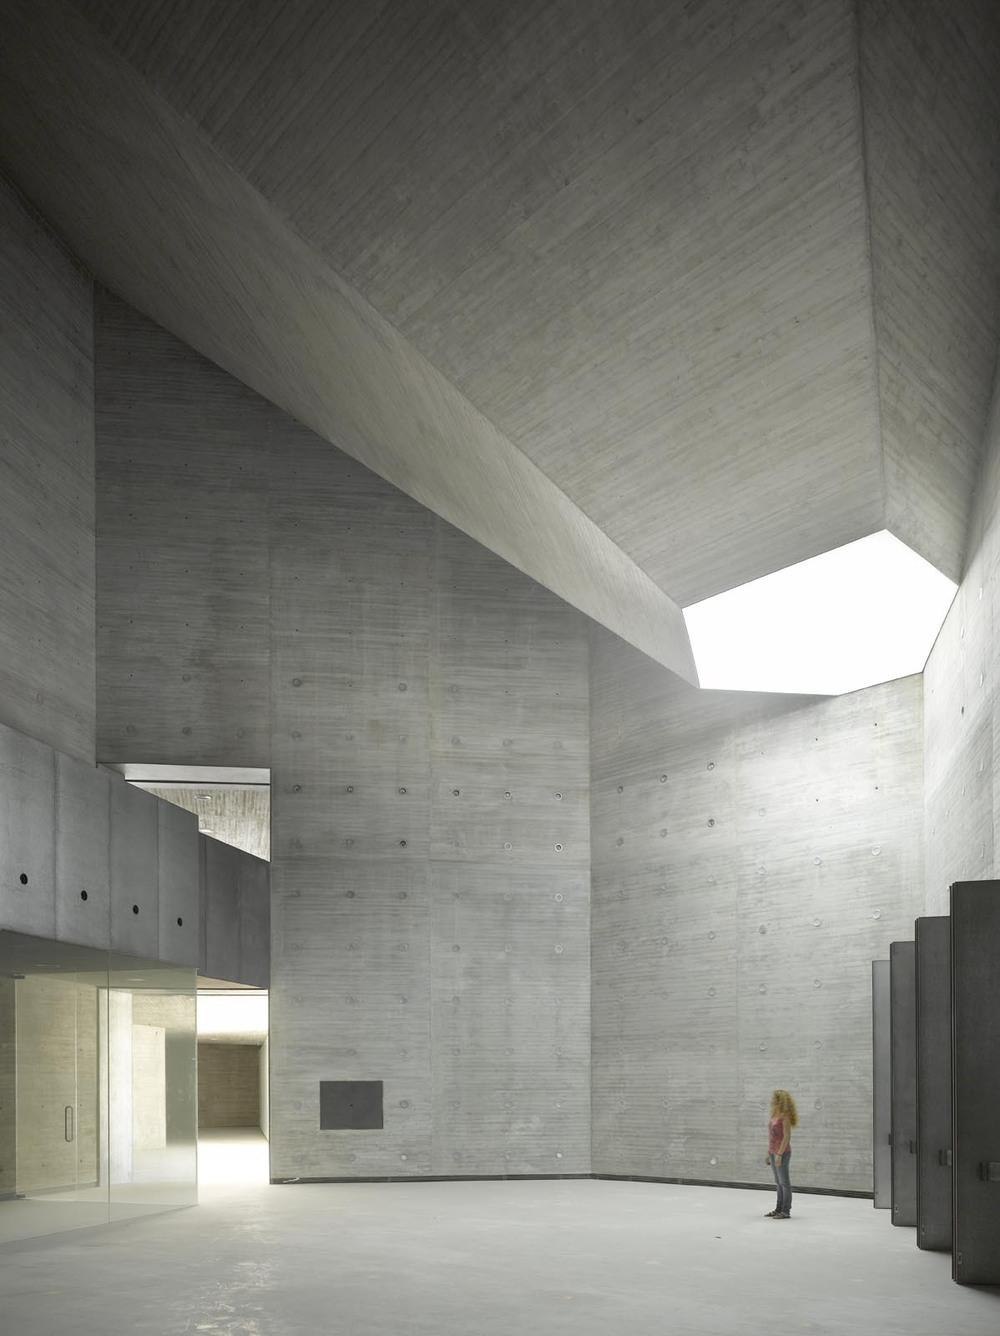 the-tree-mag_contemporary-arts-center-crdoba-by-nieto-sobejano-arquitectos_20.jpg